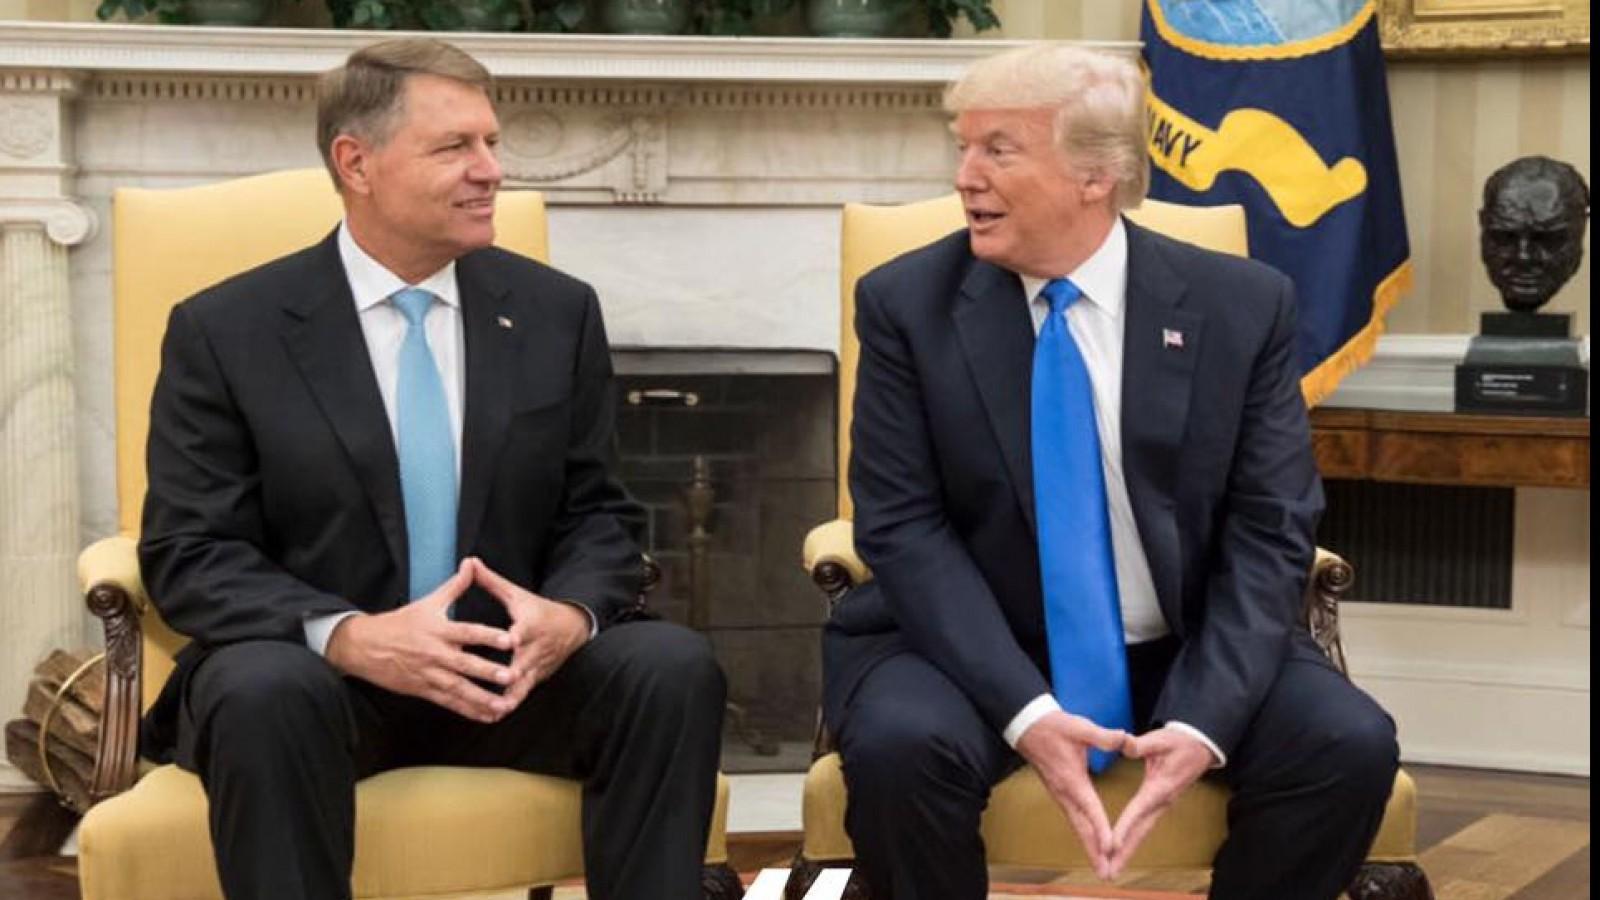 Klaus Iohannis se întâlneşte astăzi la Bruxelles cu Donald Trump